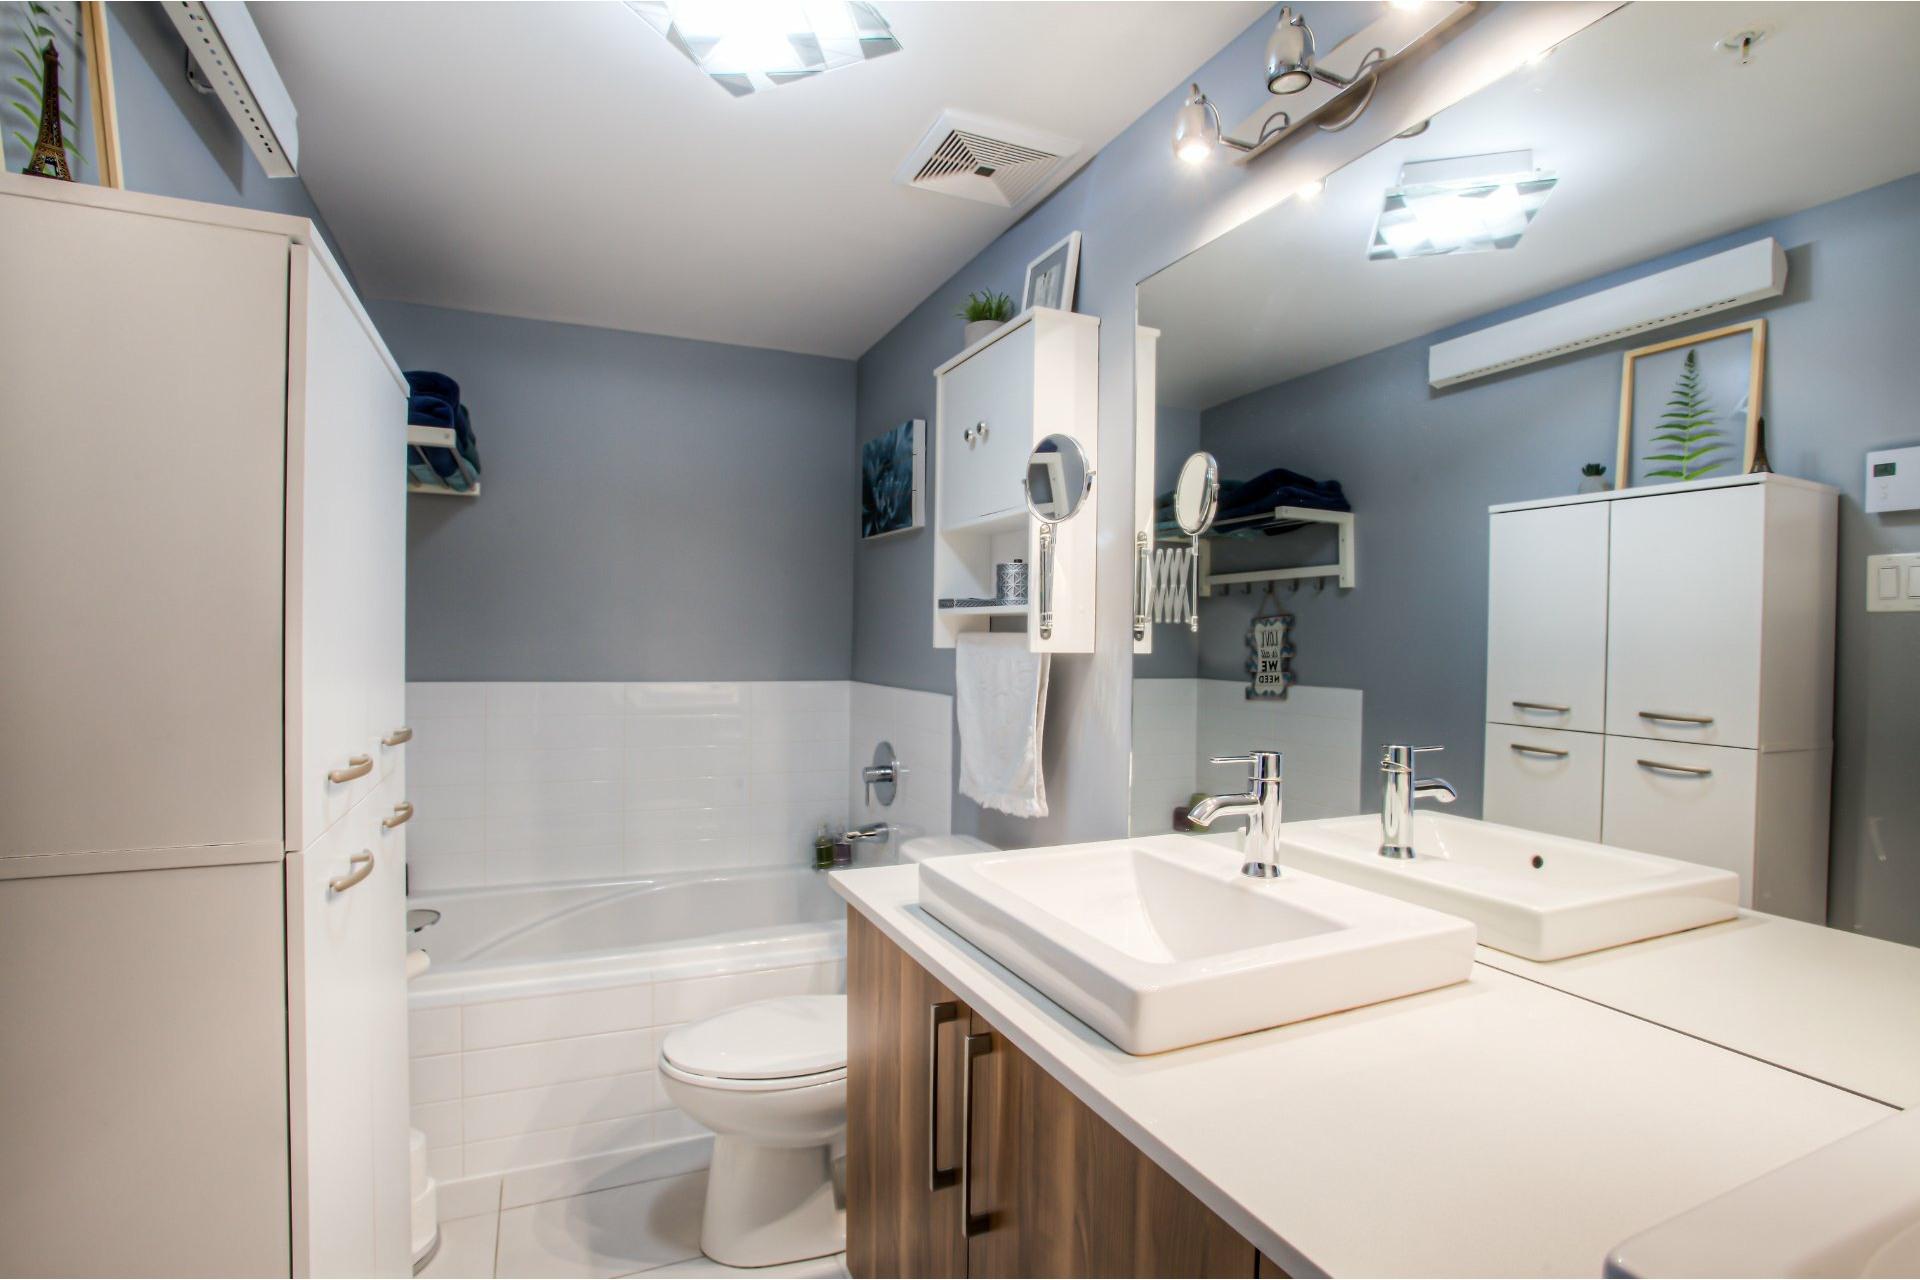 image 15 - Apartment For sale Ahuntsic-Cartierville Montréal  - 5 rooms